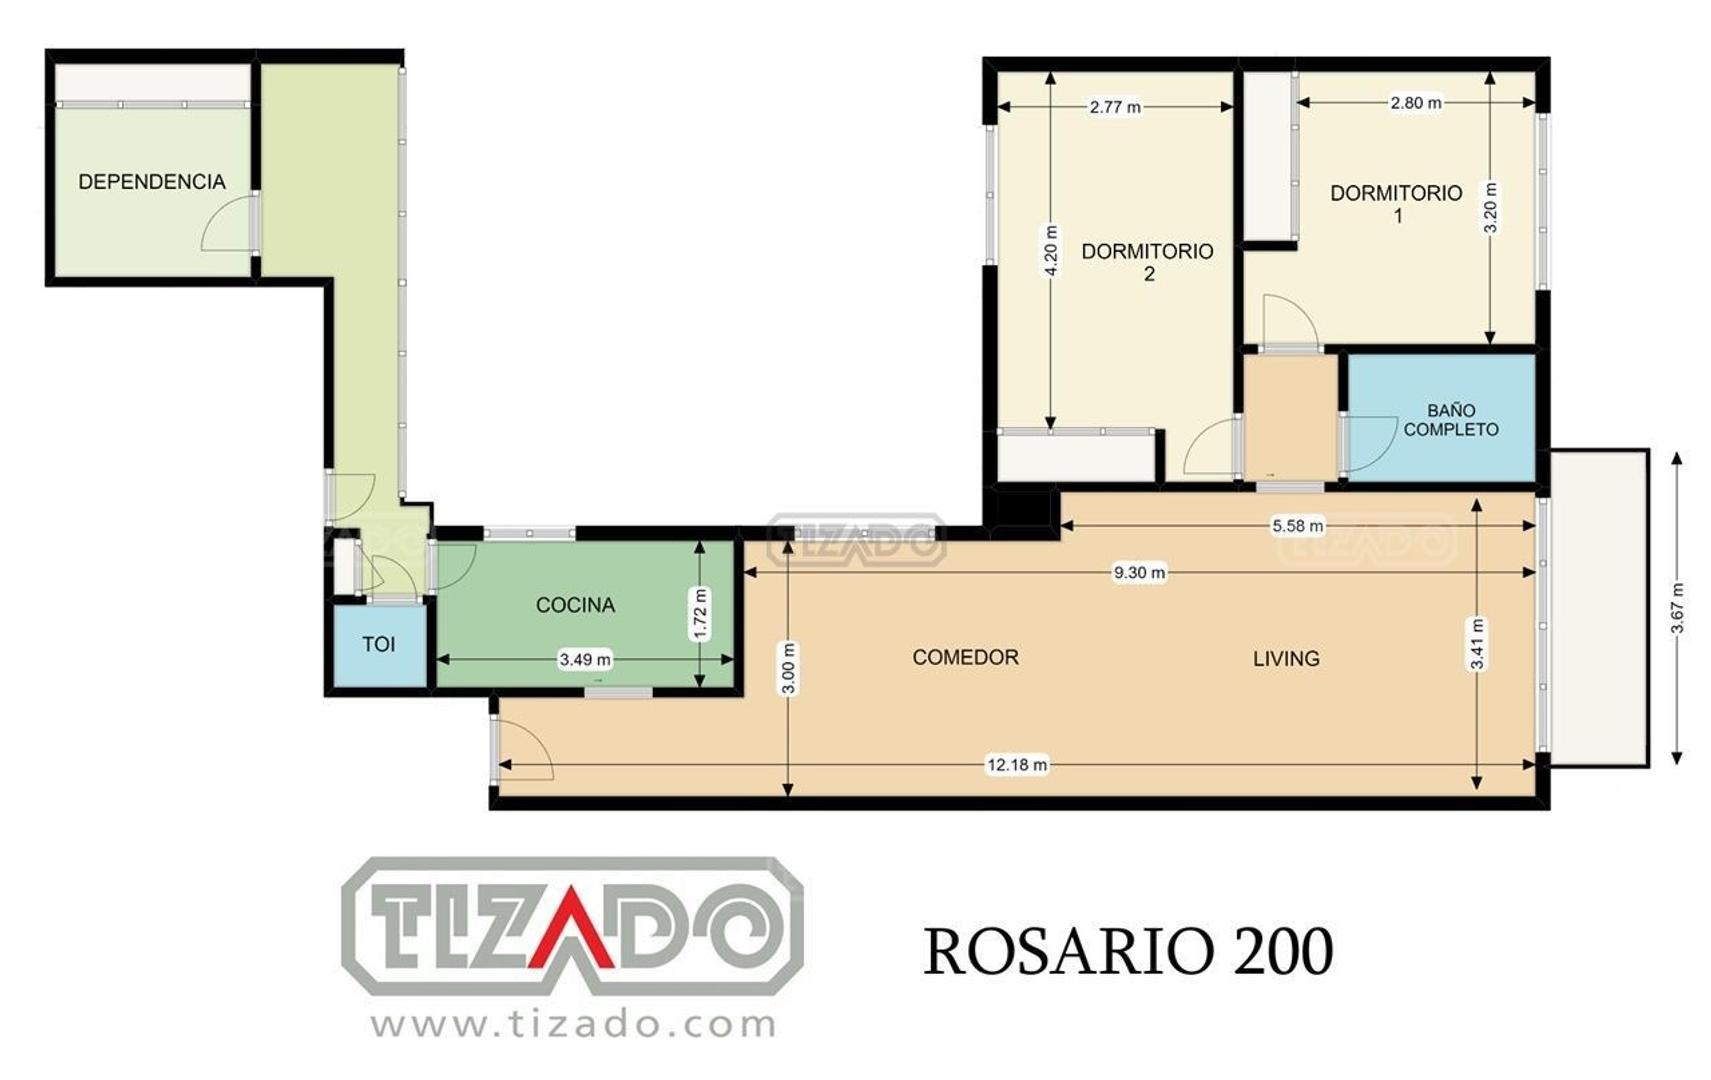 Departamento en Venta - 3 ambientes - USD 220.000